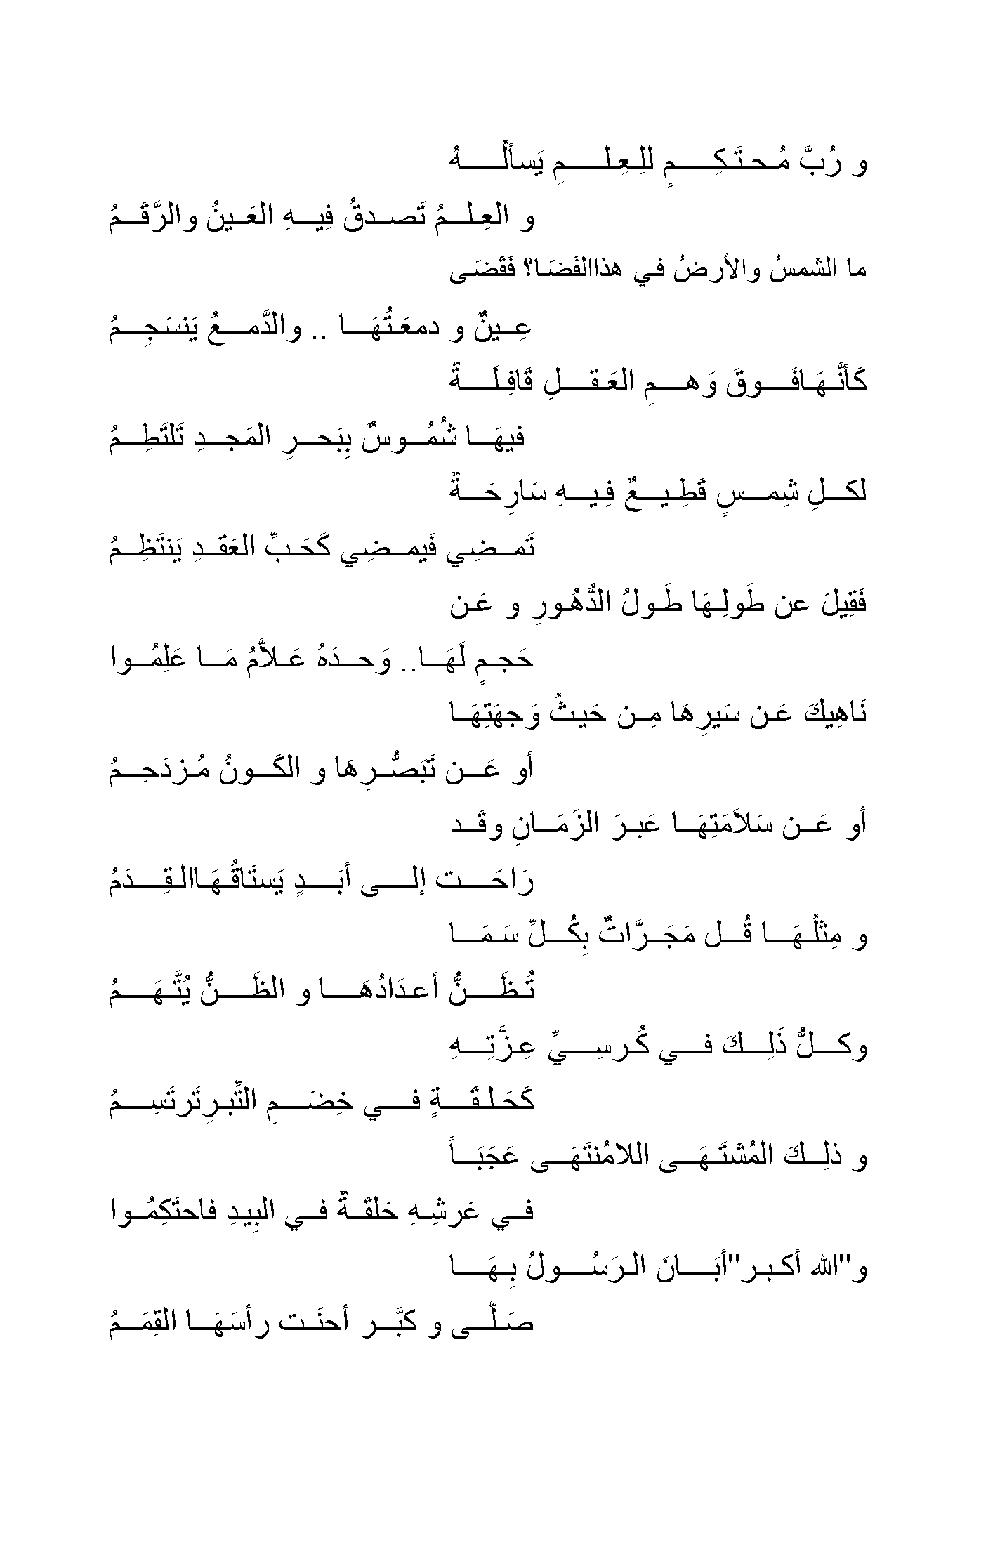 بالصور اناشيد نبوية مكتوبة , اشعار في حب النبي محمد 386